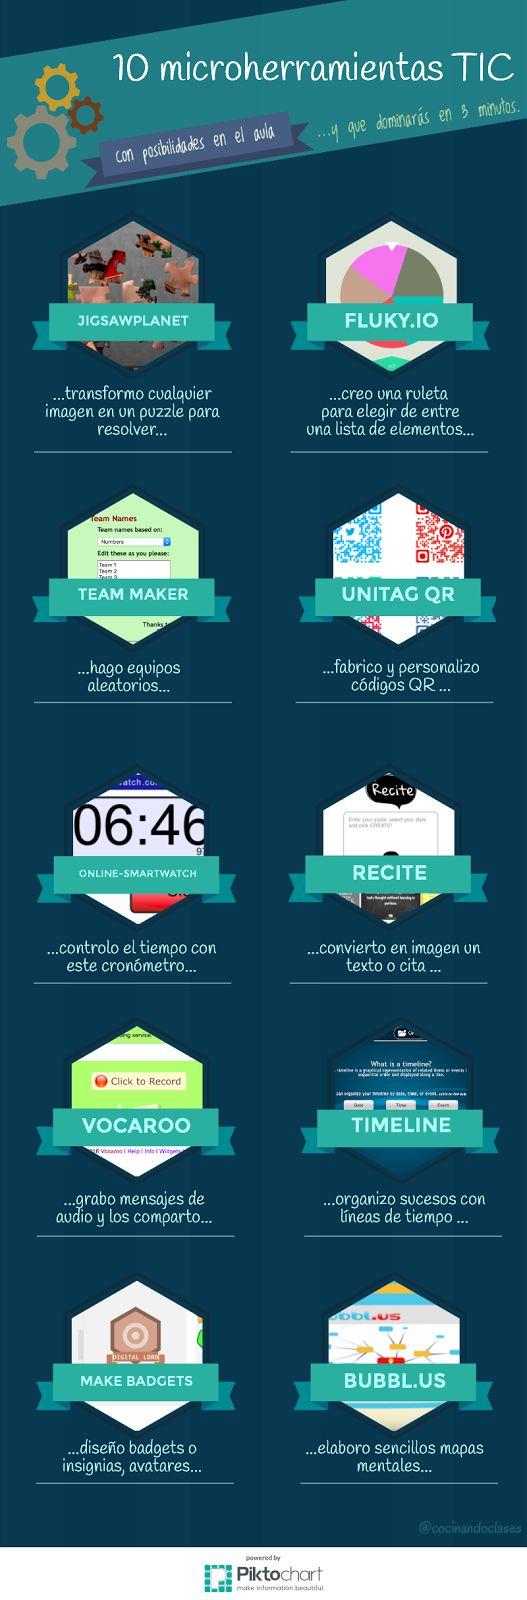 10 microherramientas TIC para el aula #infografia #infographic #education | TICs y Formación